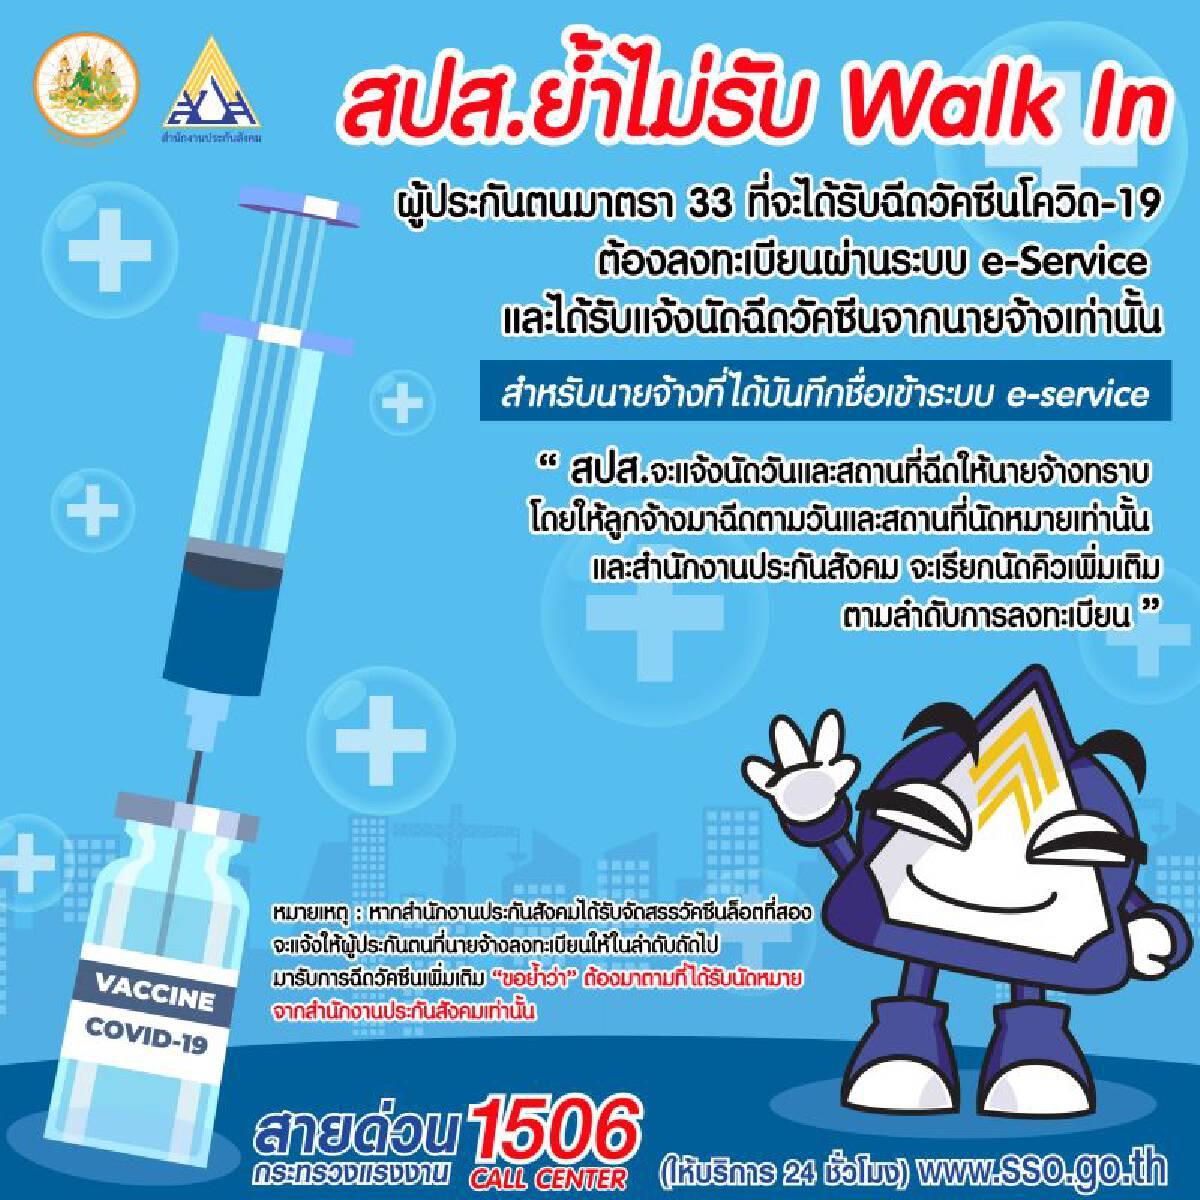 ไขข้อข้องใจ ประกันสังคม ม.33 'Walk in ฉีดวัคซีนโควิด' ได้ไหม